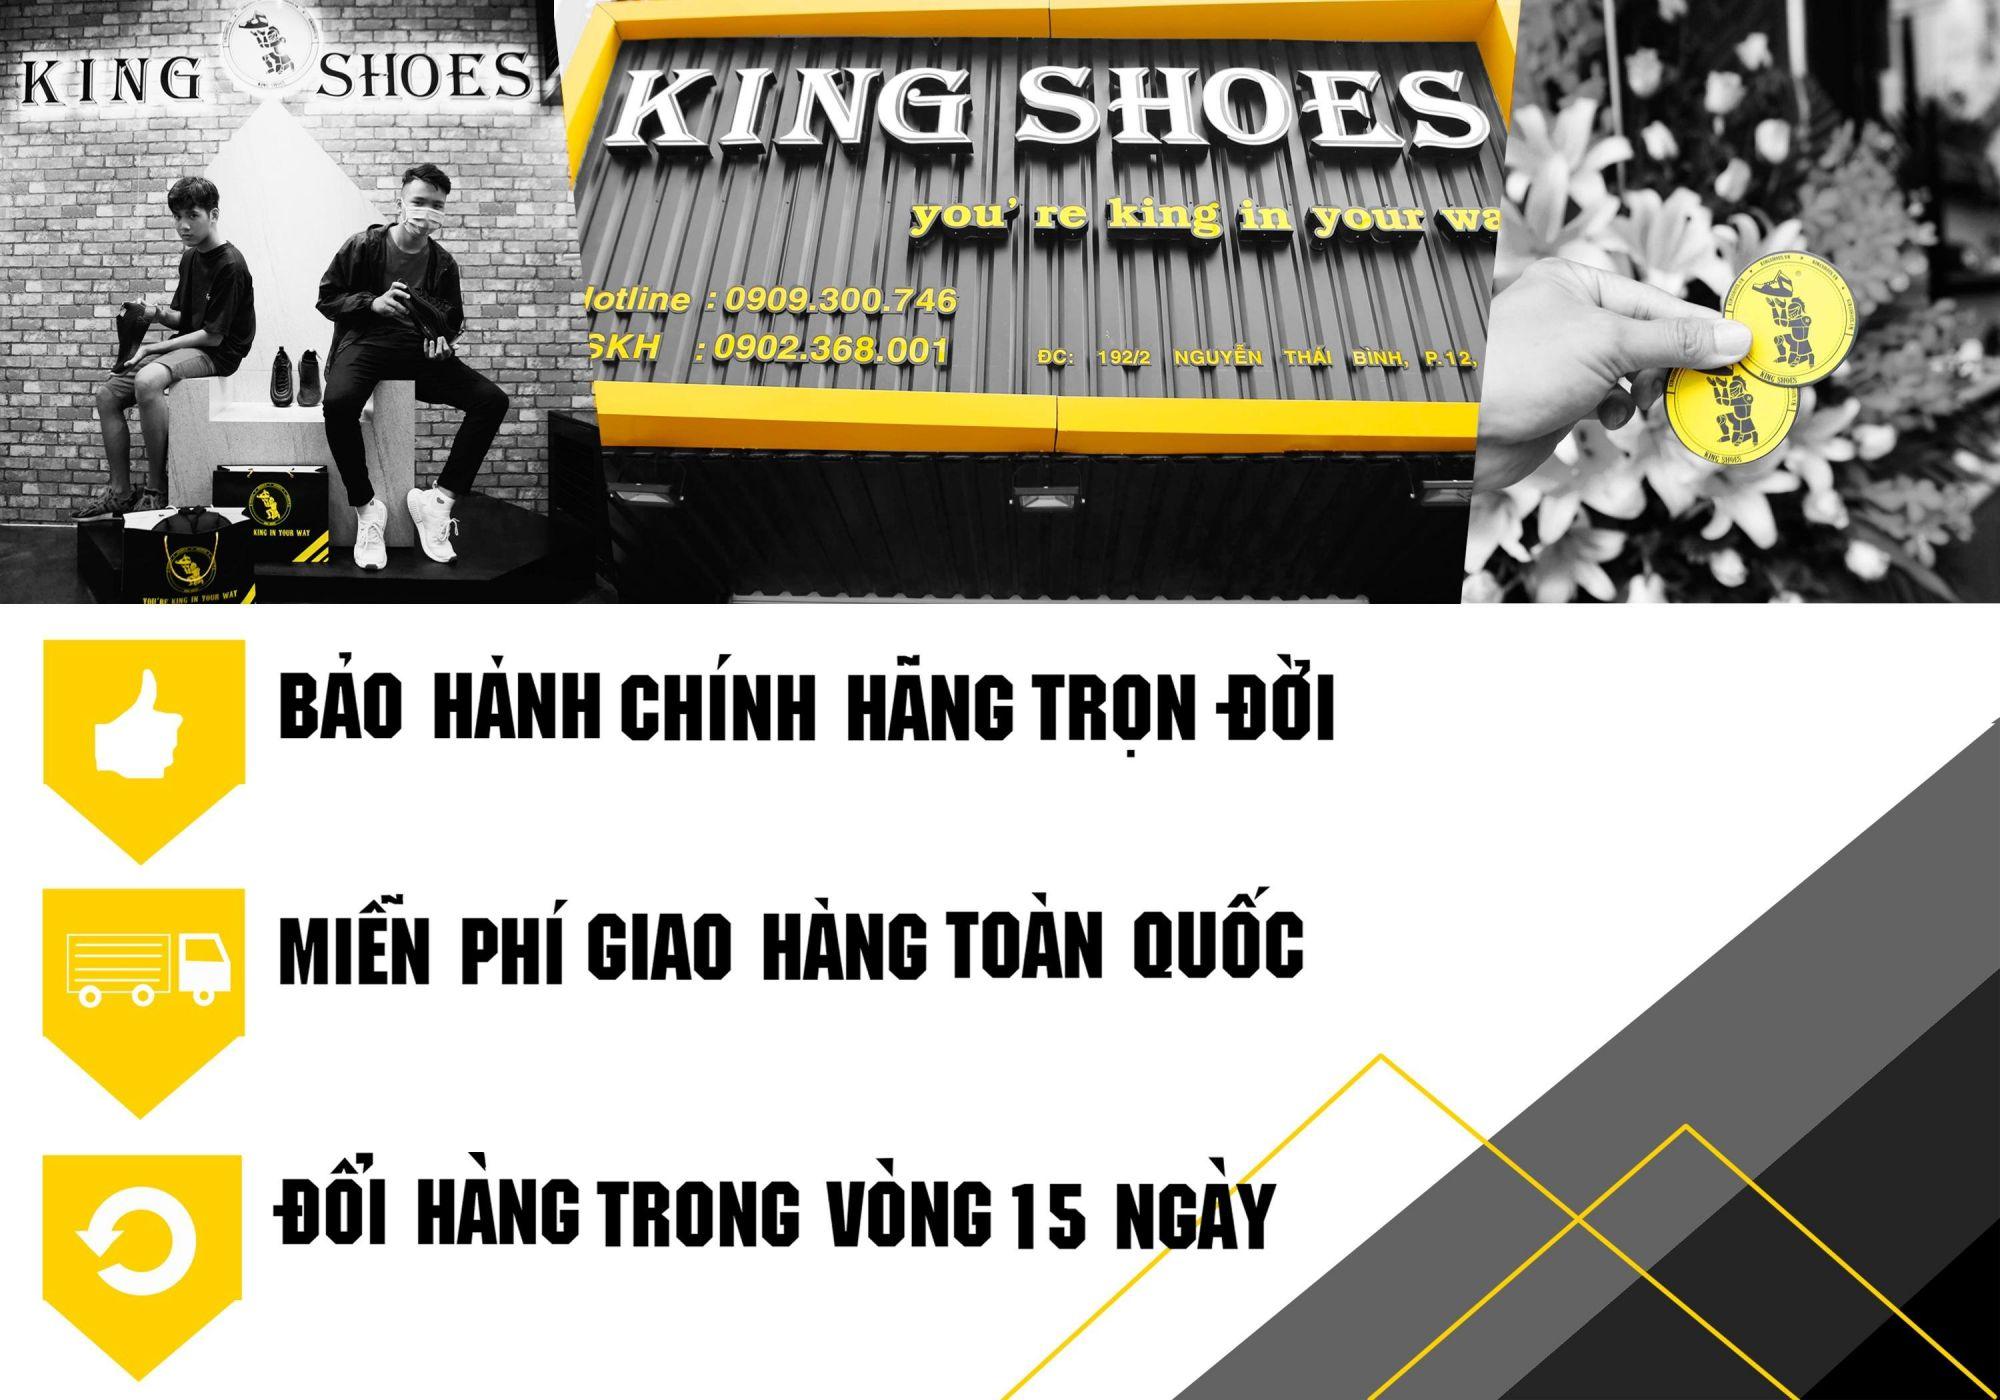 King shoes chính sách giao nhận hàng